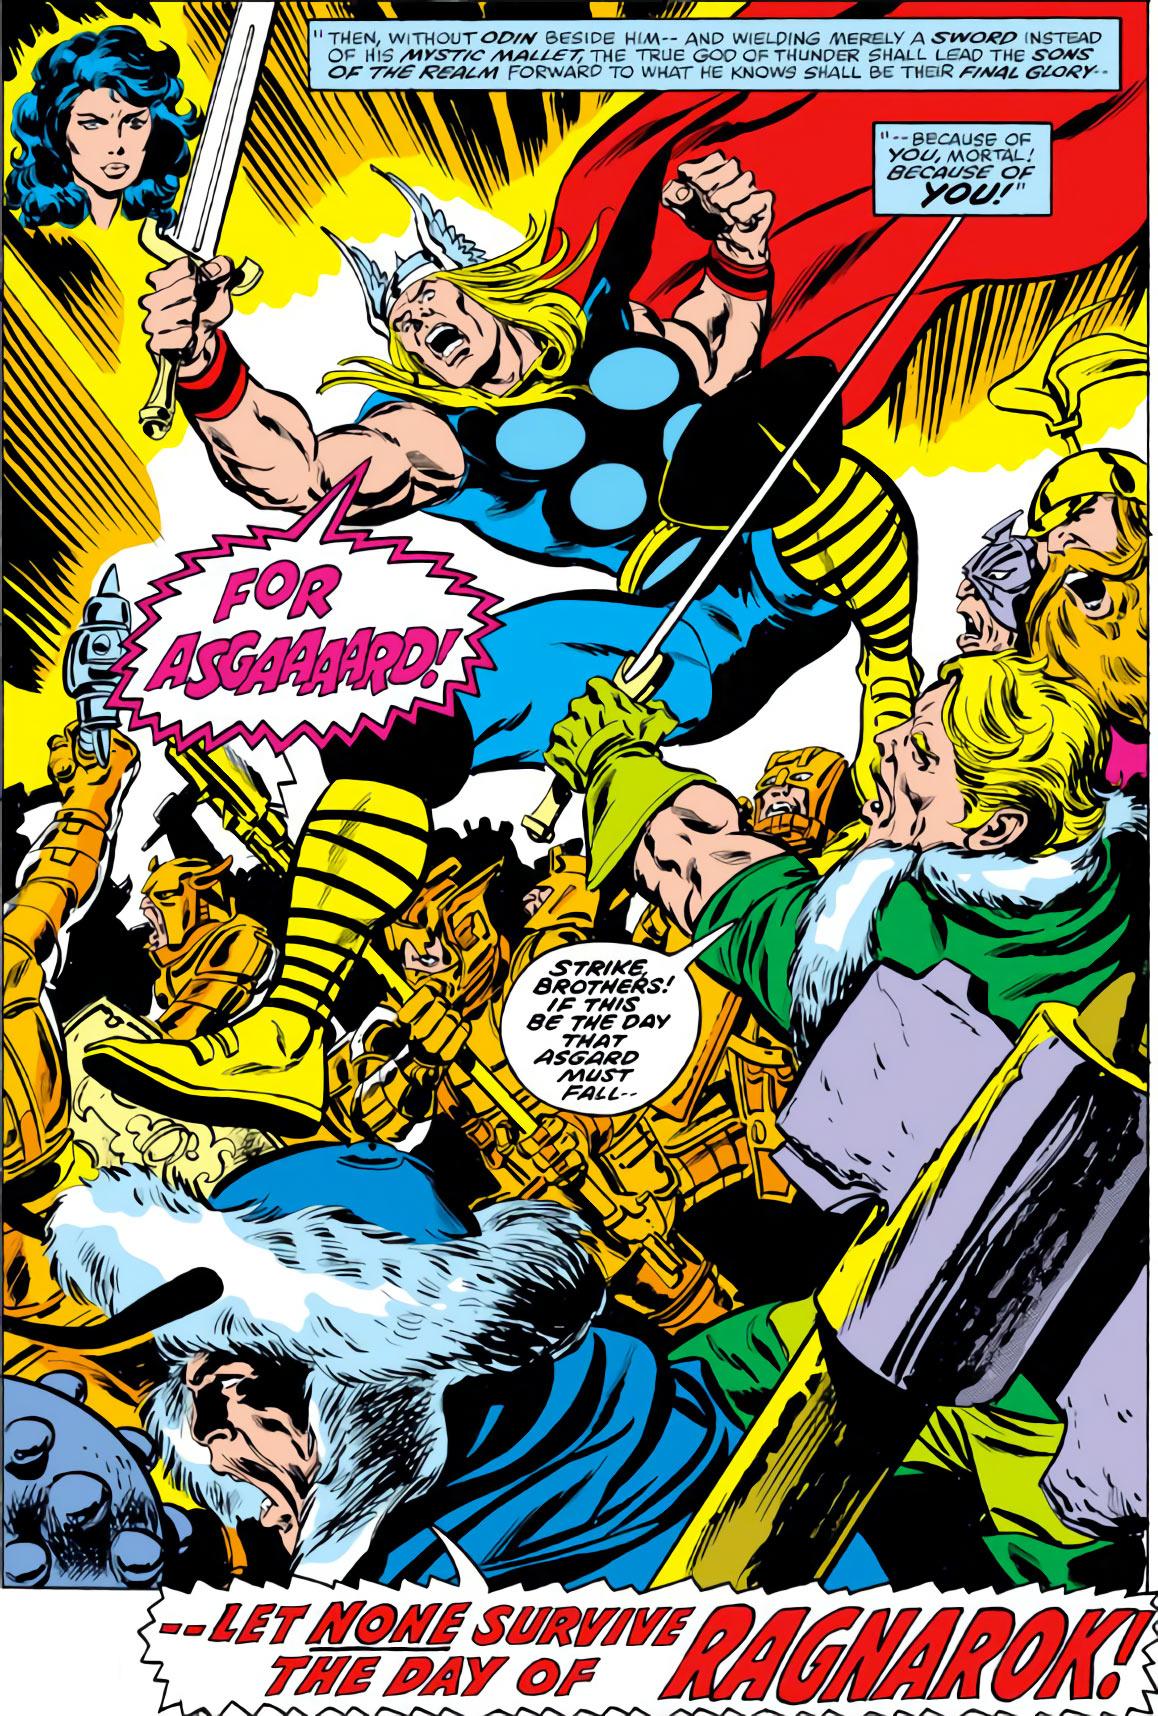 HQs pra ler DEPOIS de ver Thor: Ragnarok   JUDAO.com.br